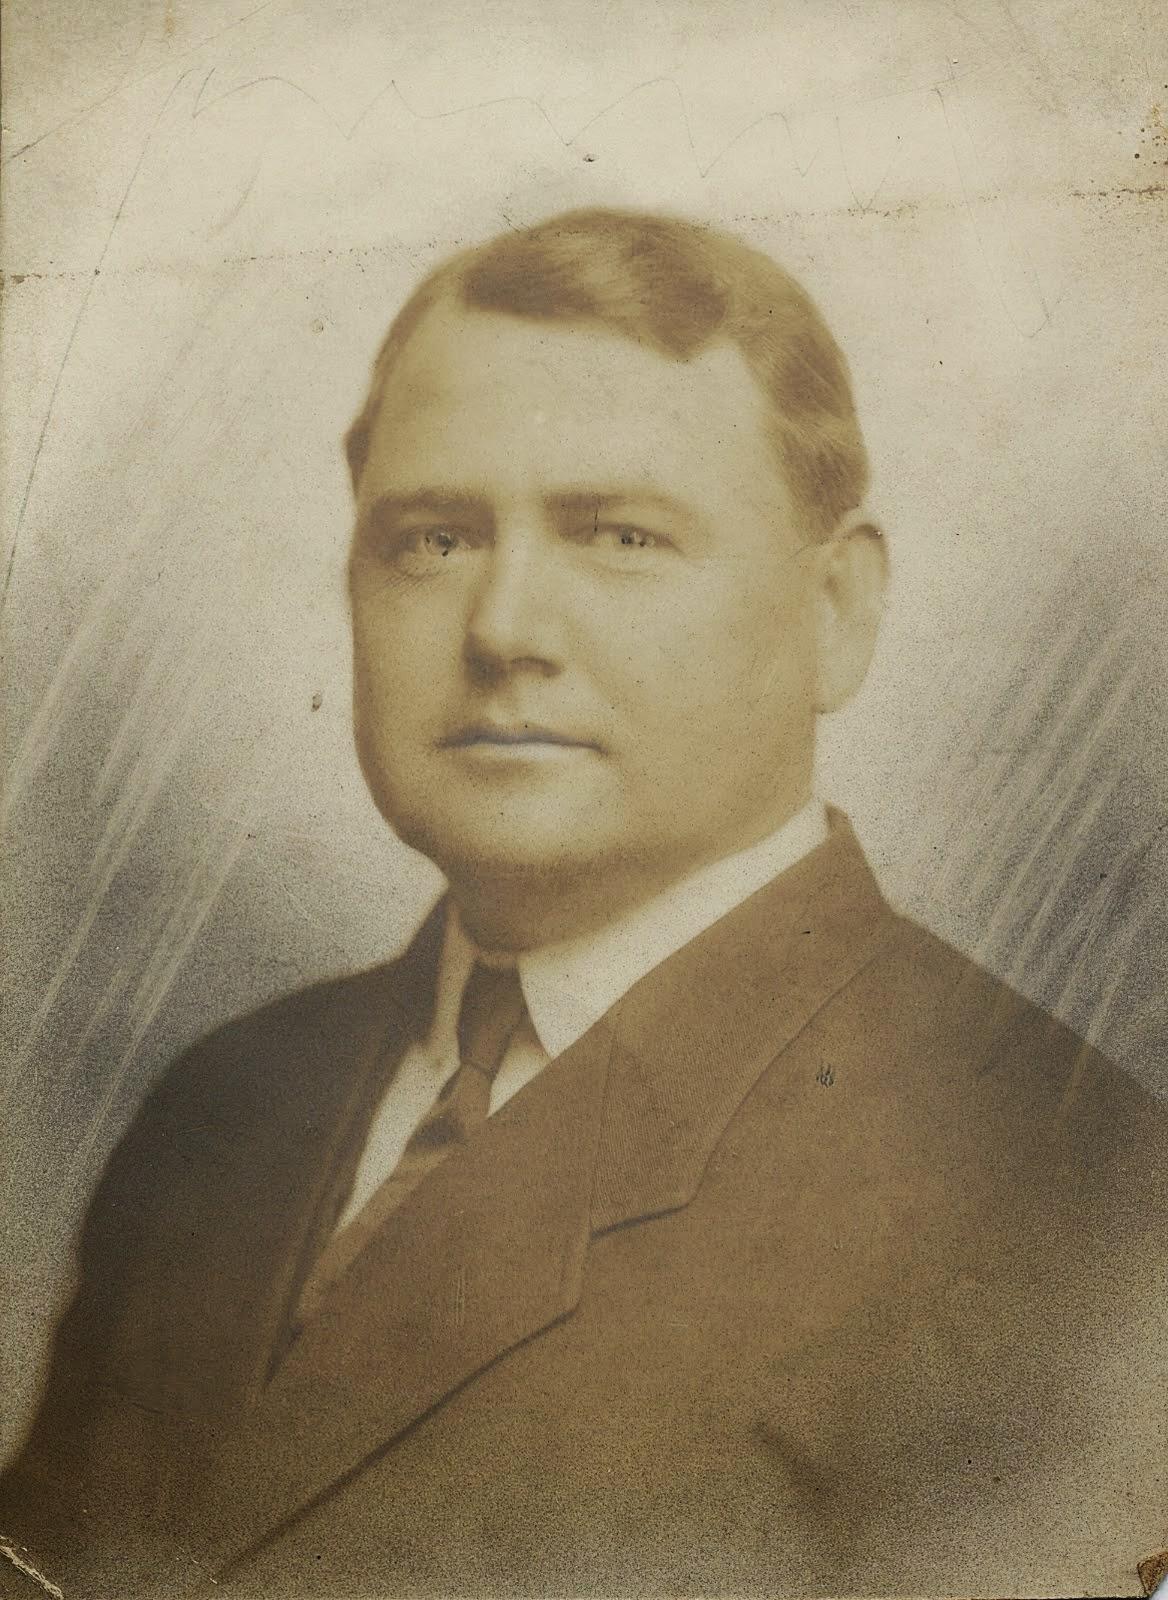 Headland Entrepreneur J. J. Espy